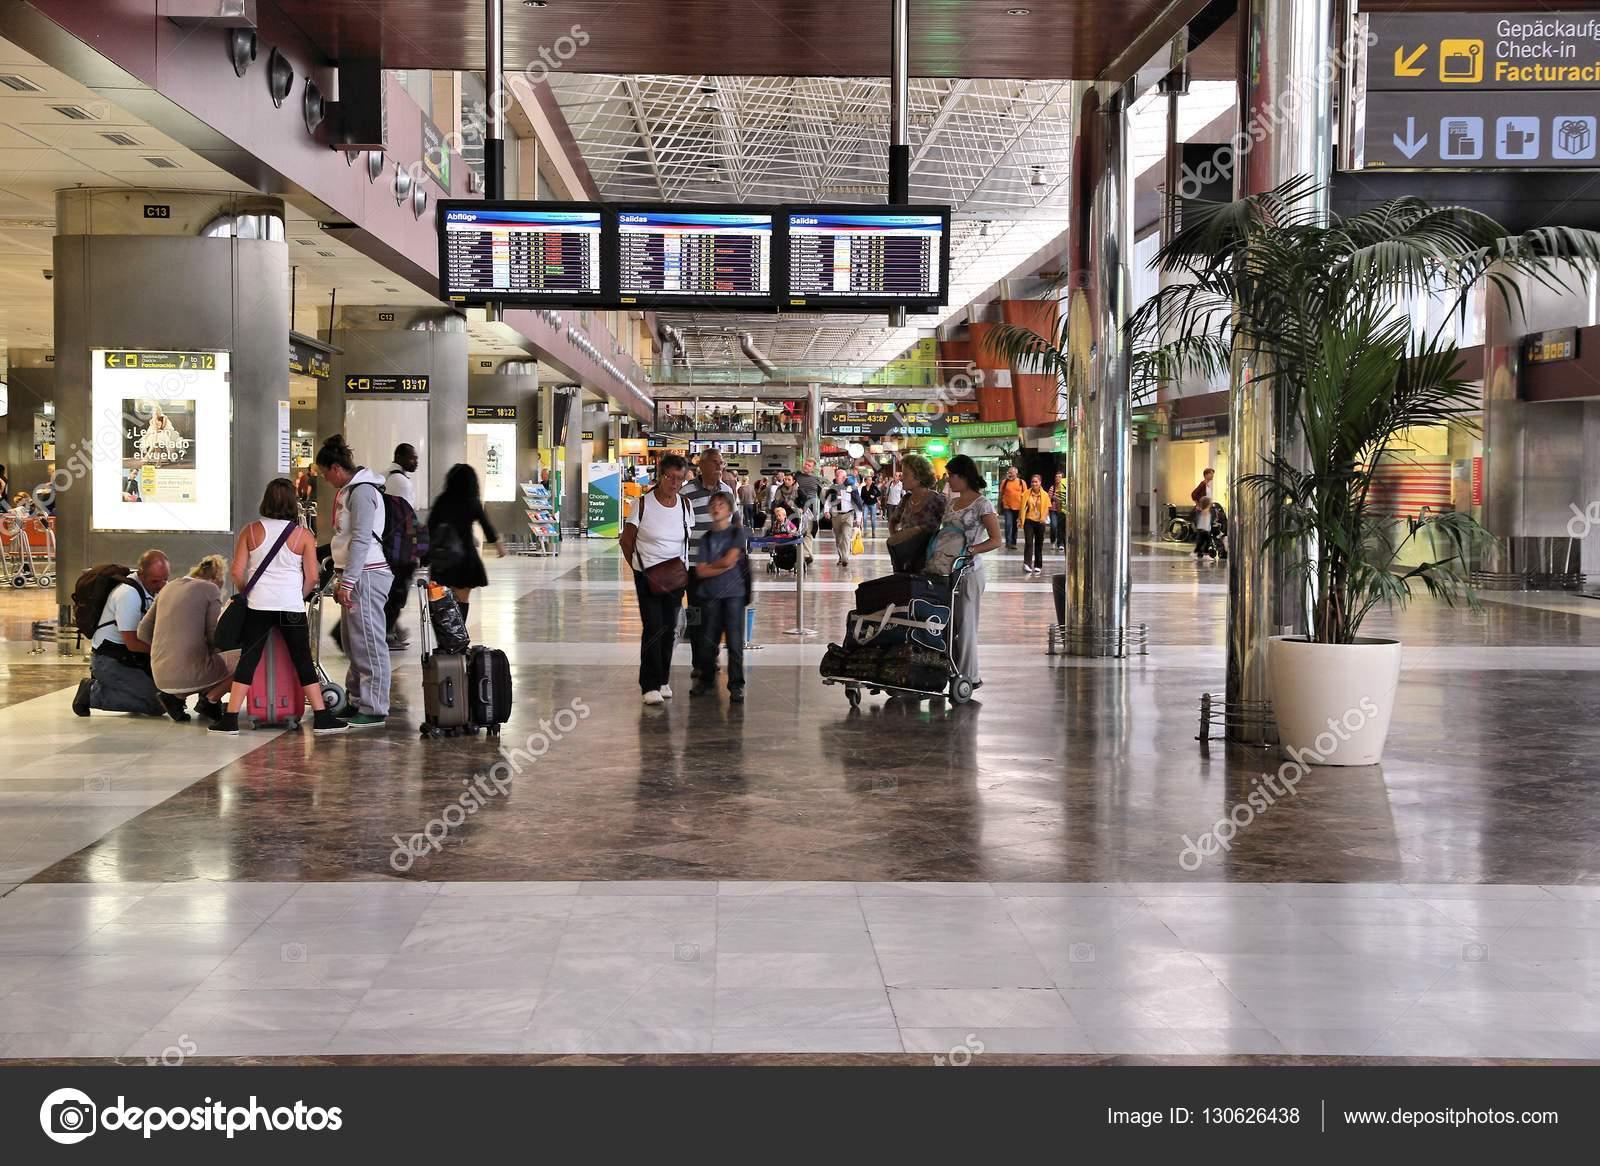 Aeroporto Tenerife Sud : Aeroporto tenerife sud u2014 foto editoriale stock © tupungato #130626438